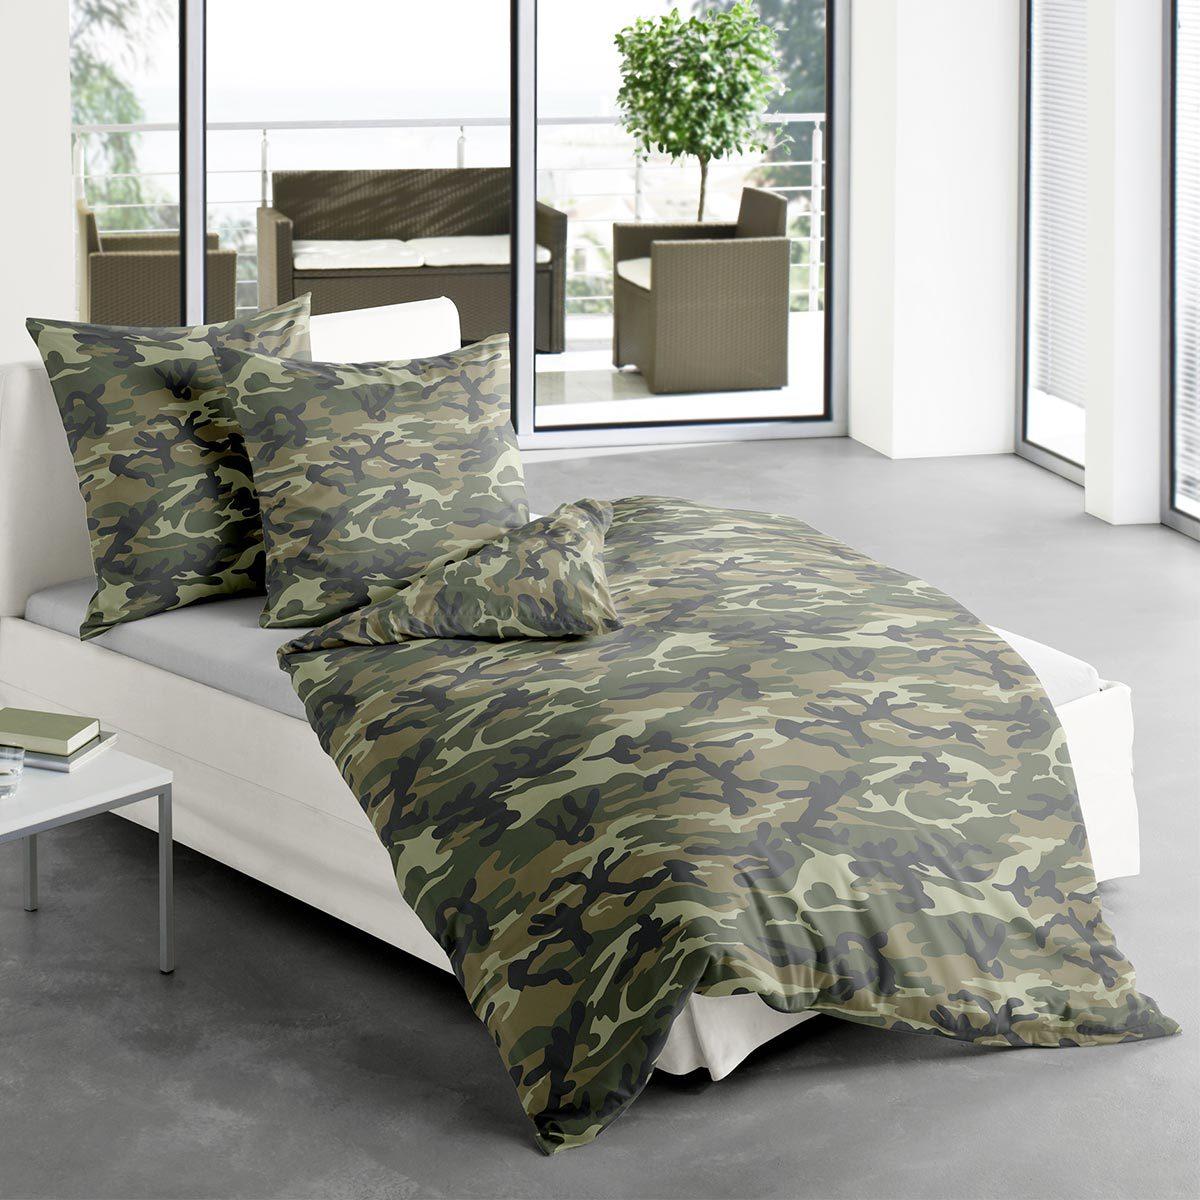 Traumschlaf Bettwäsche Garnituren Online Kaufen Möbel Suchmaschine